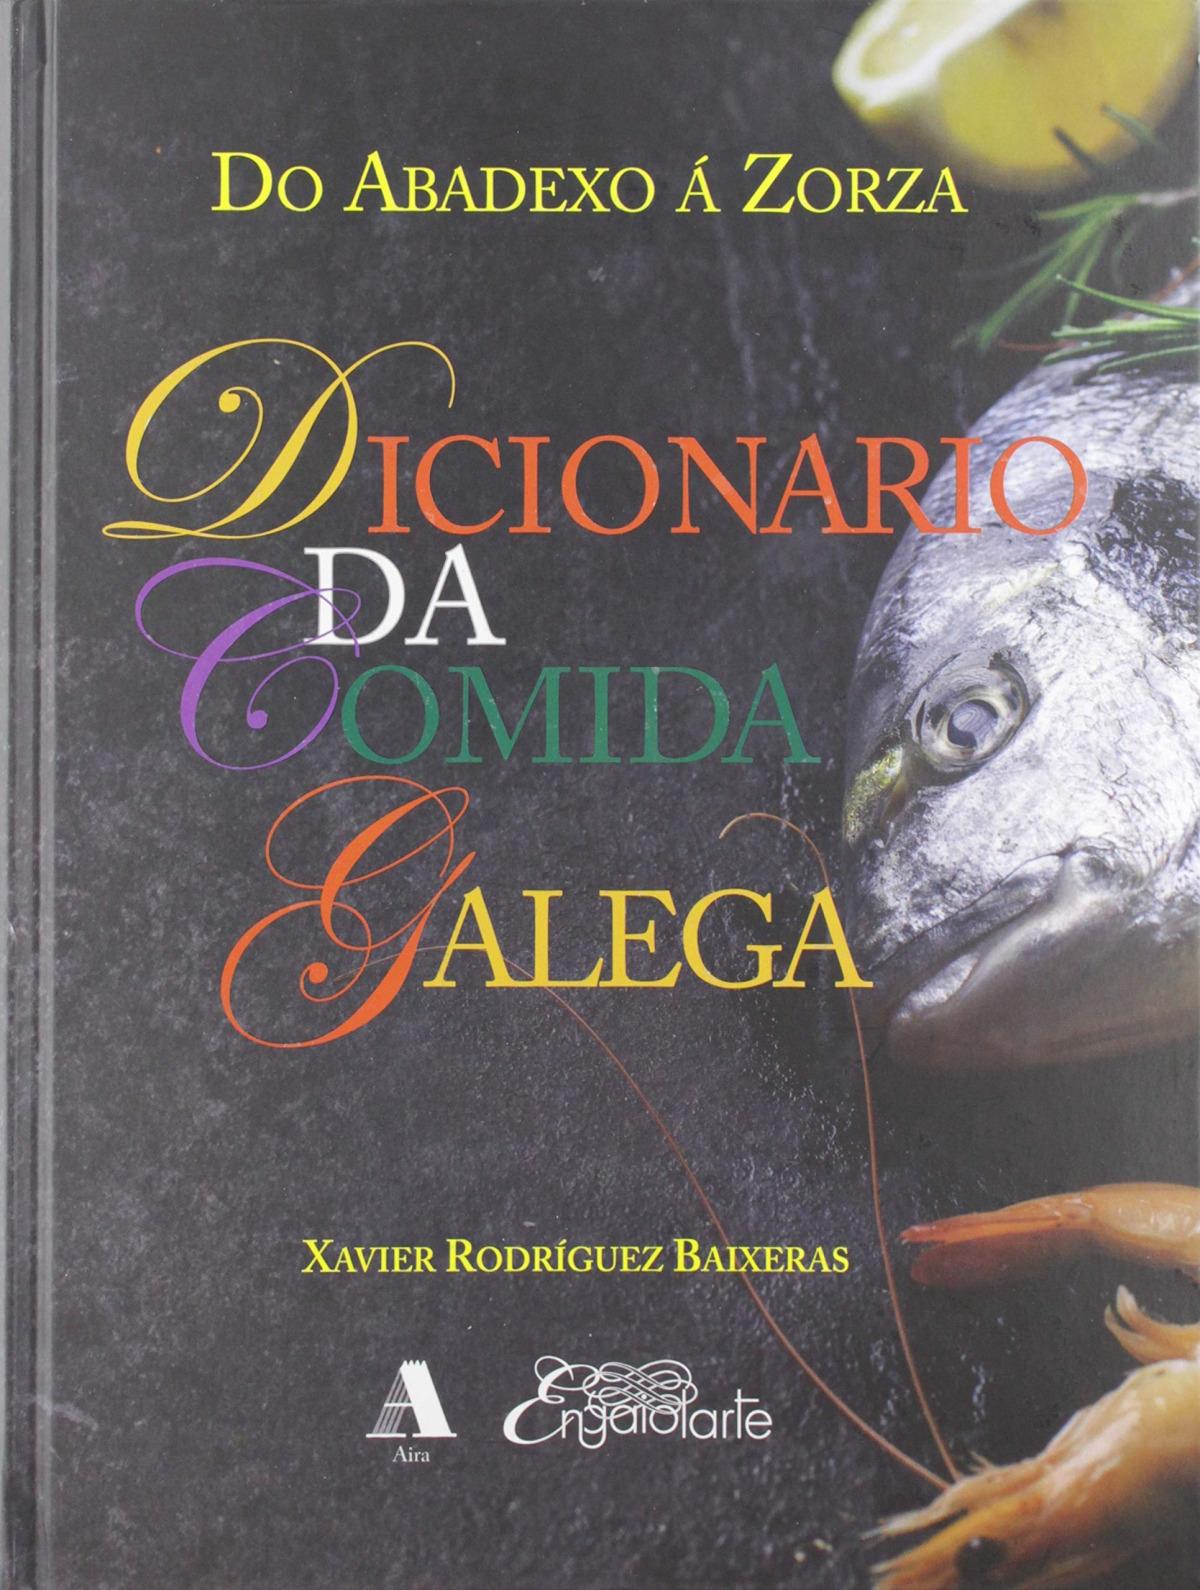 DICIONARIO DA COMIDA GALEGA 9788494900709